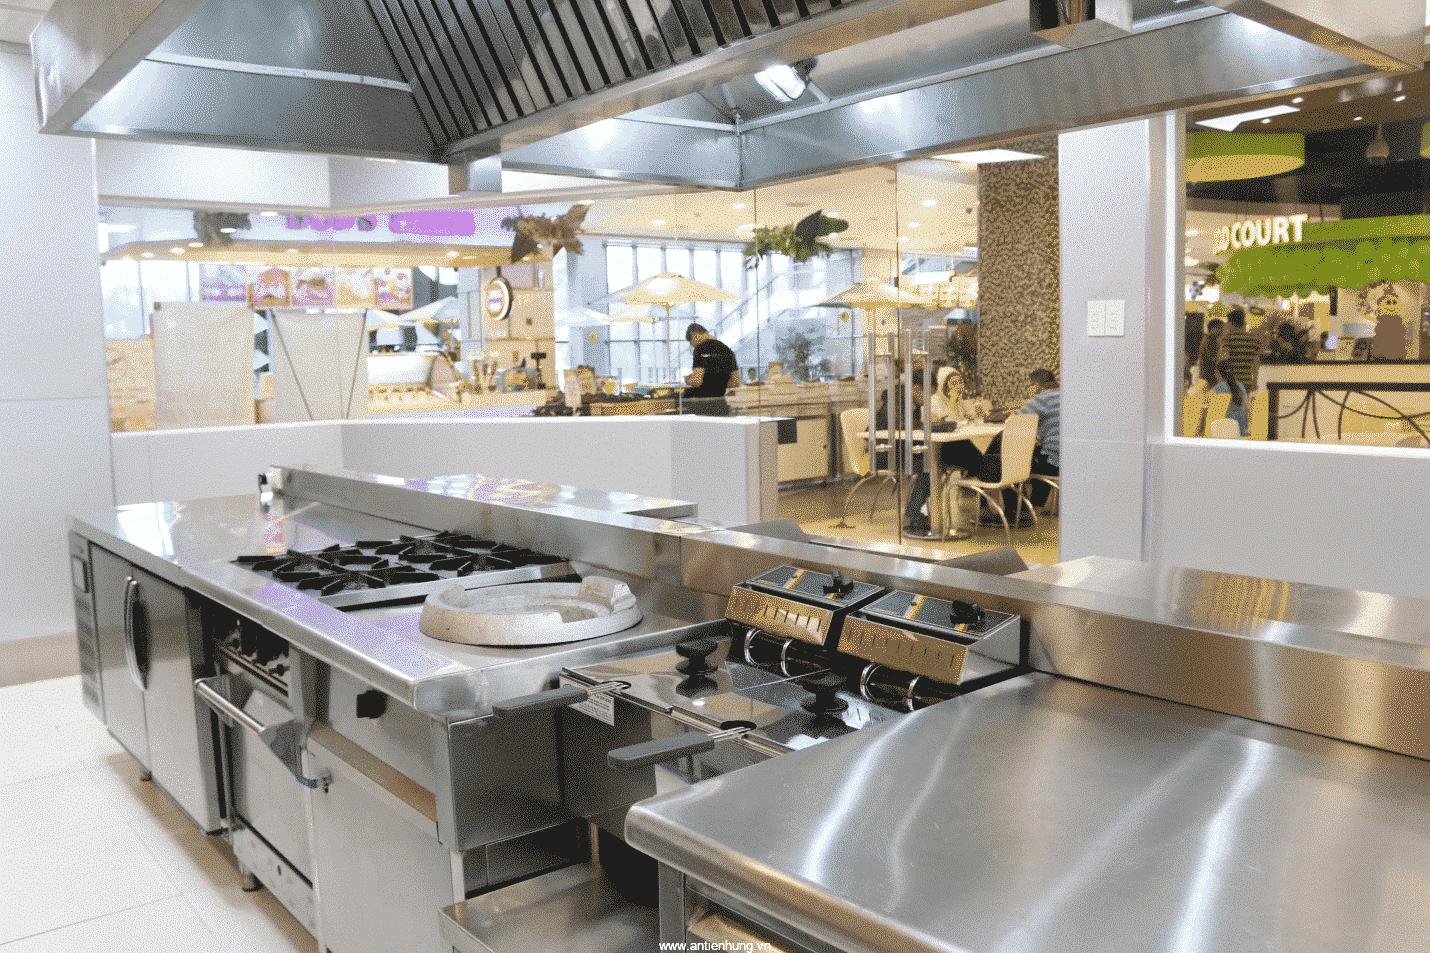 Hợp chất tẩy rửa dầu mỡ BestCleaner SH020 còn được sử dụng trong các khu bếp công nghiệp